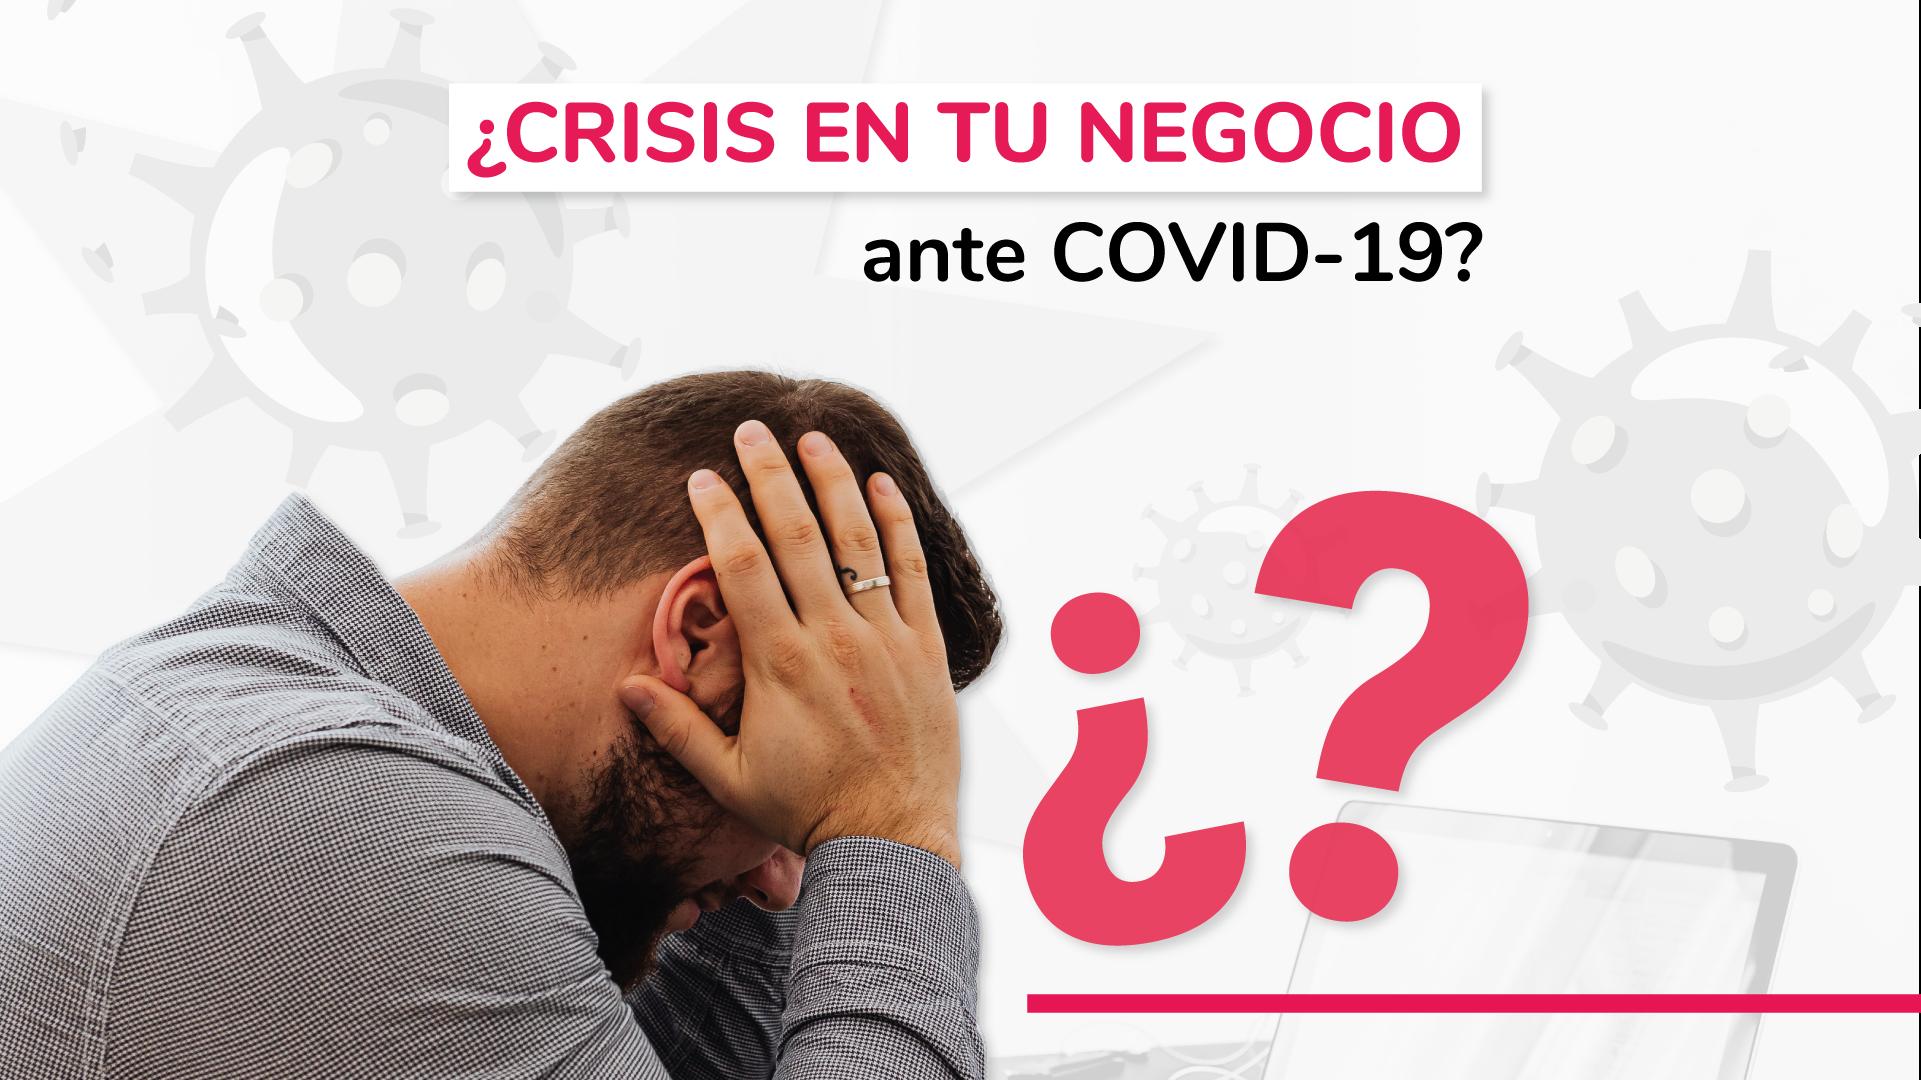 Crisis en tu negocio covid-19